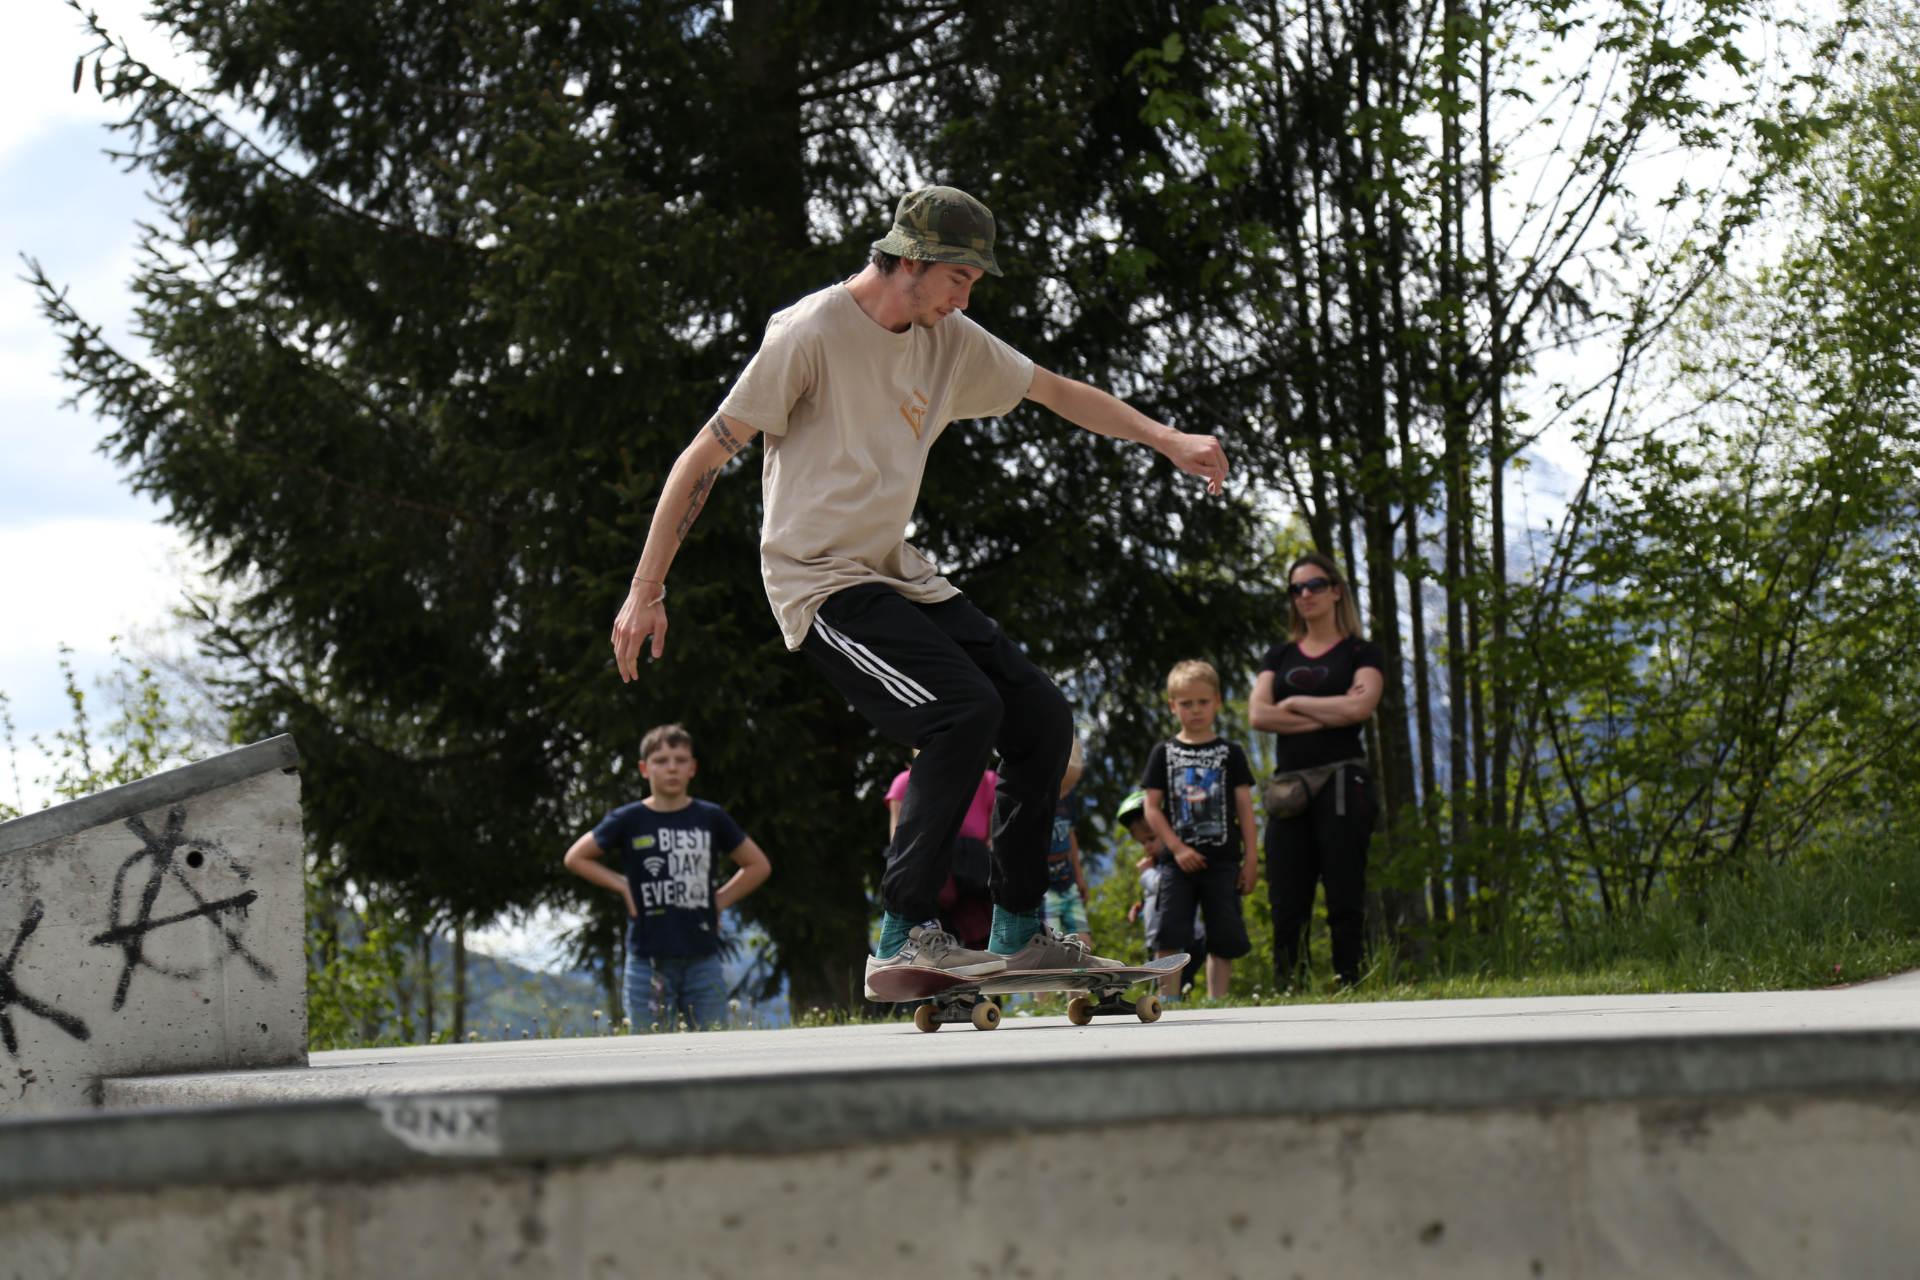 skateboard headz fieberbrunn kgt kitz gau trophy 2019 saalfelden hell00101